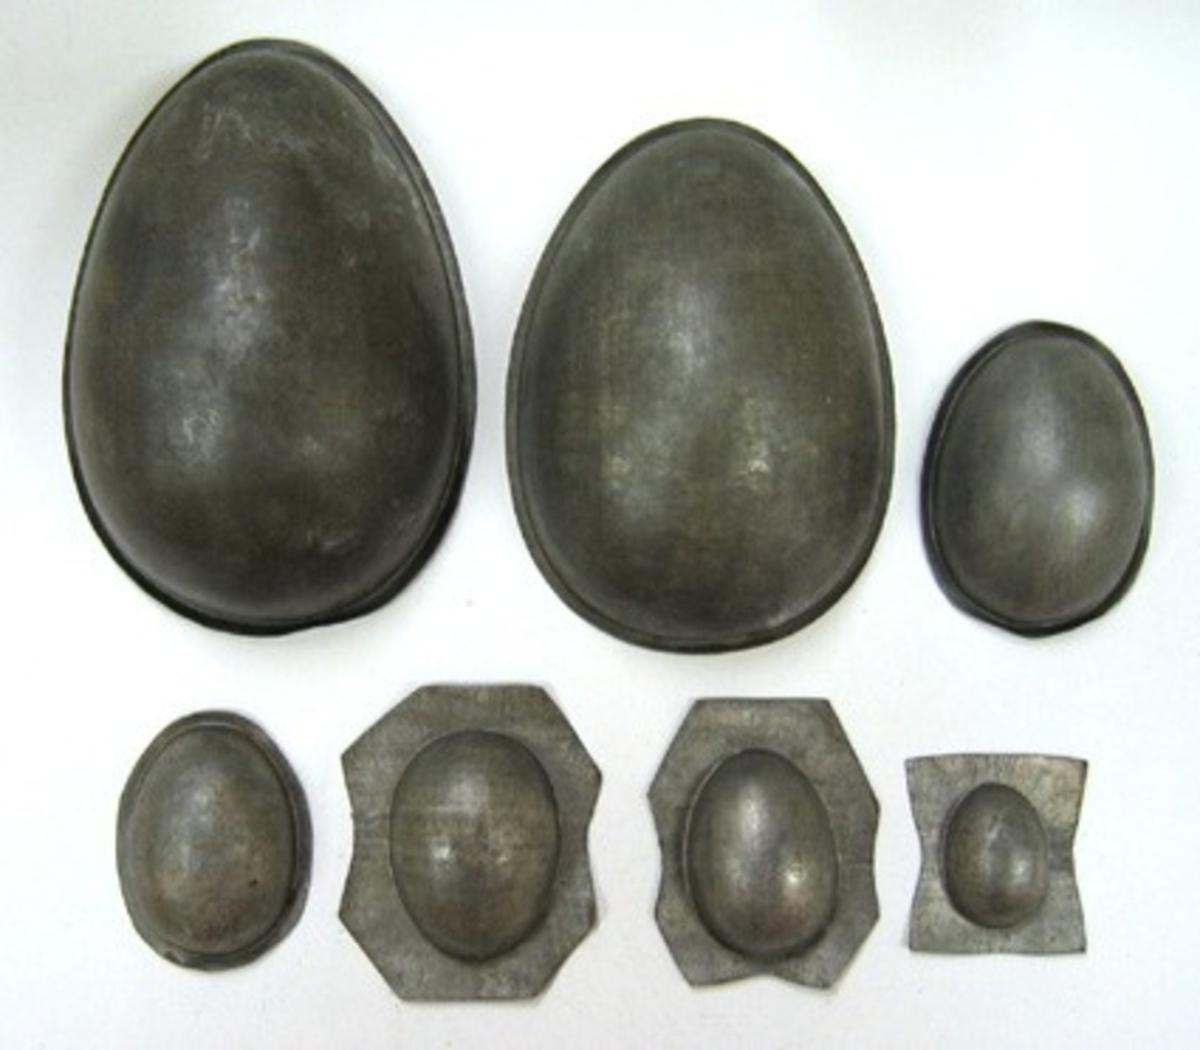 7 enkla formar i äggform. Måtten som är angivna gäller höjden på äggformen.  Formar för tillverkning av chokladägg (halvor).  Rörelsen lades ned 1982.